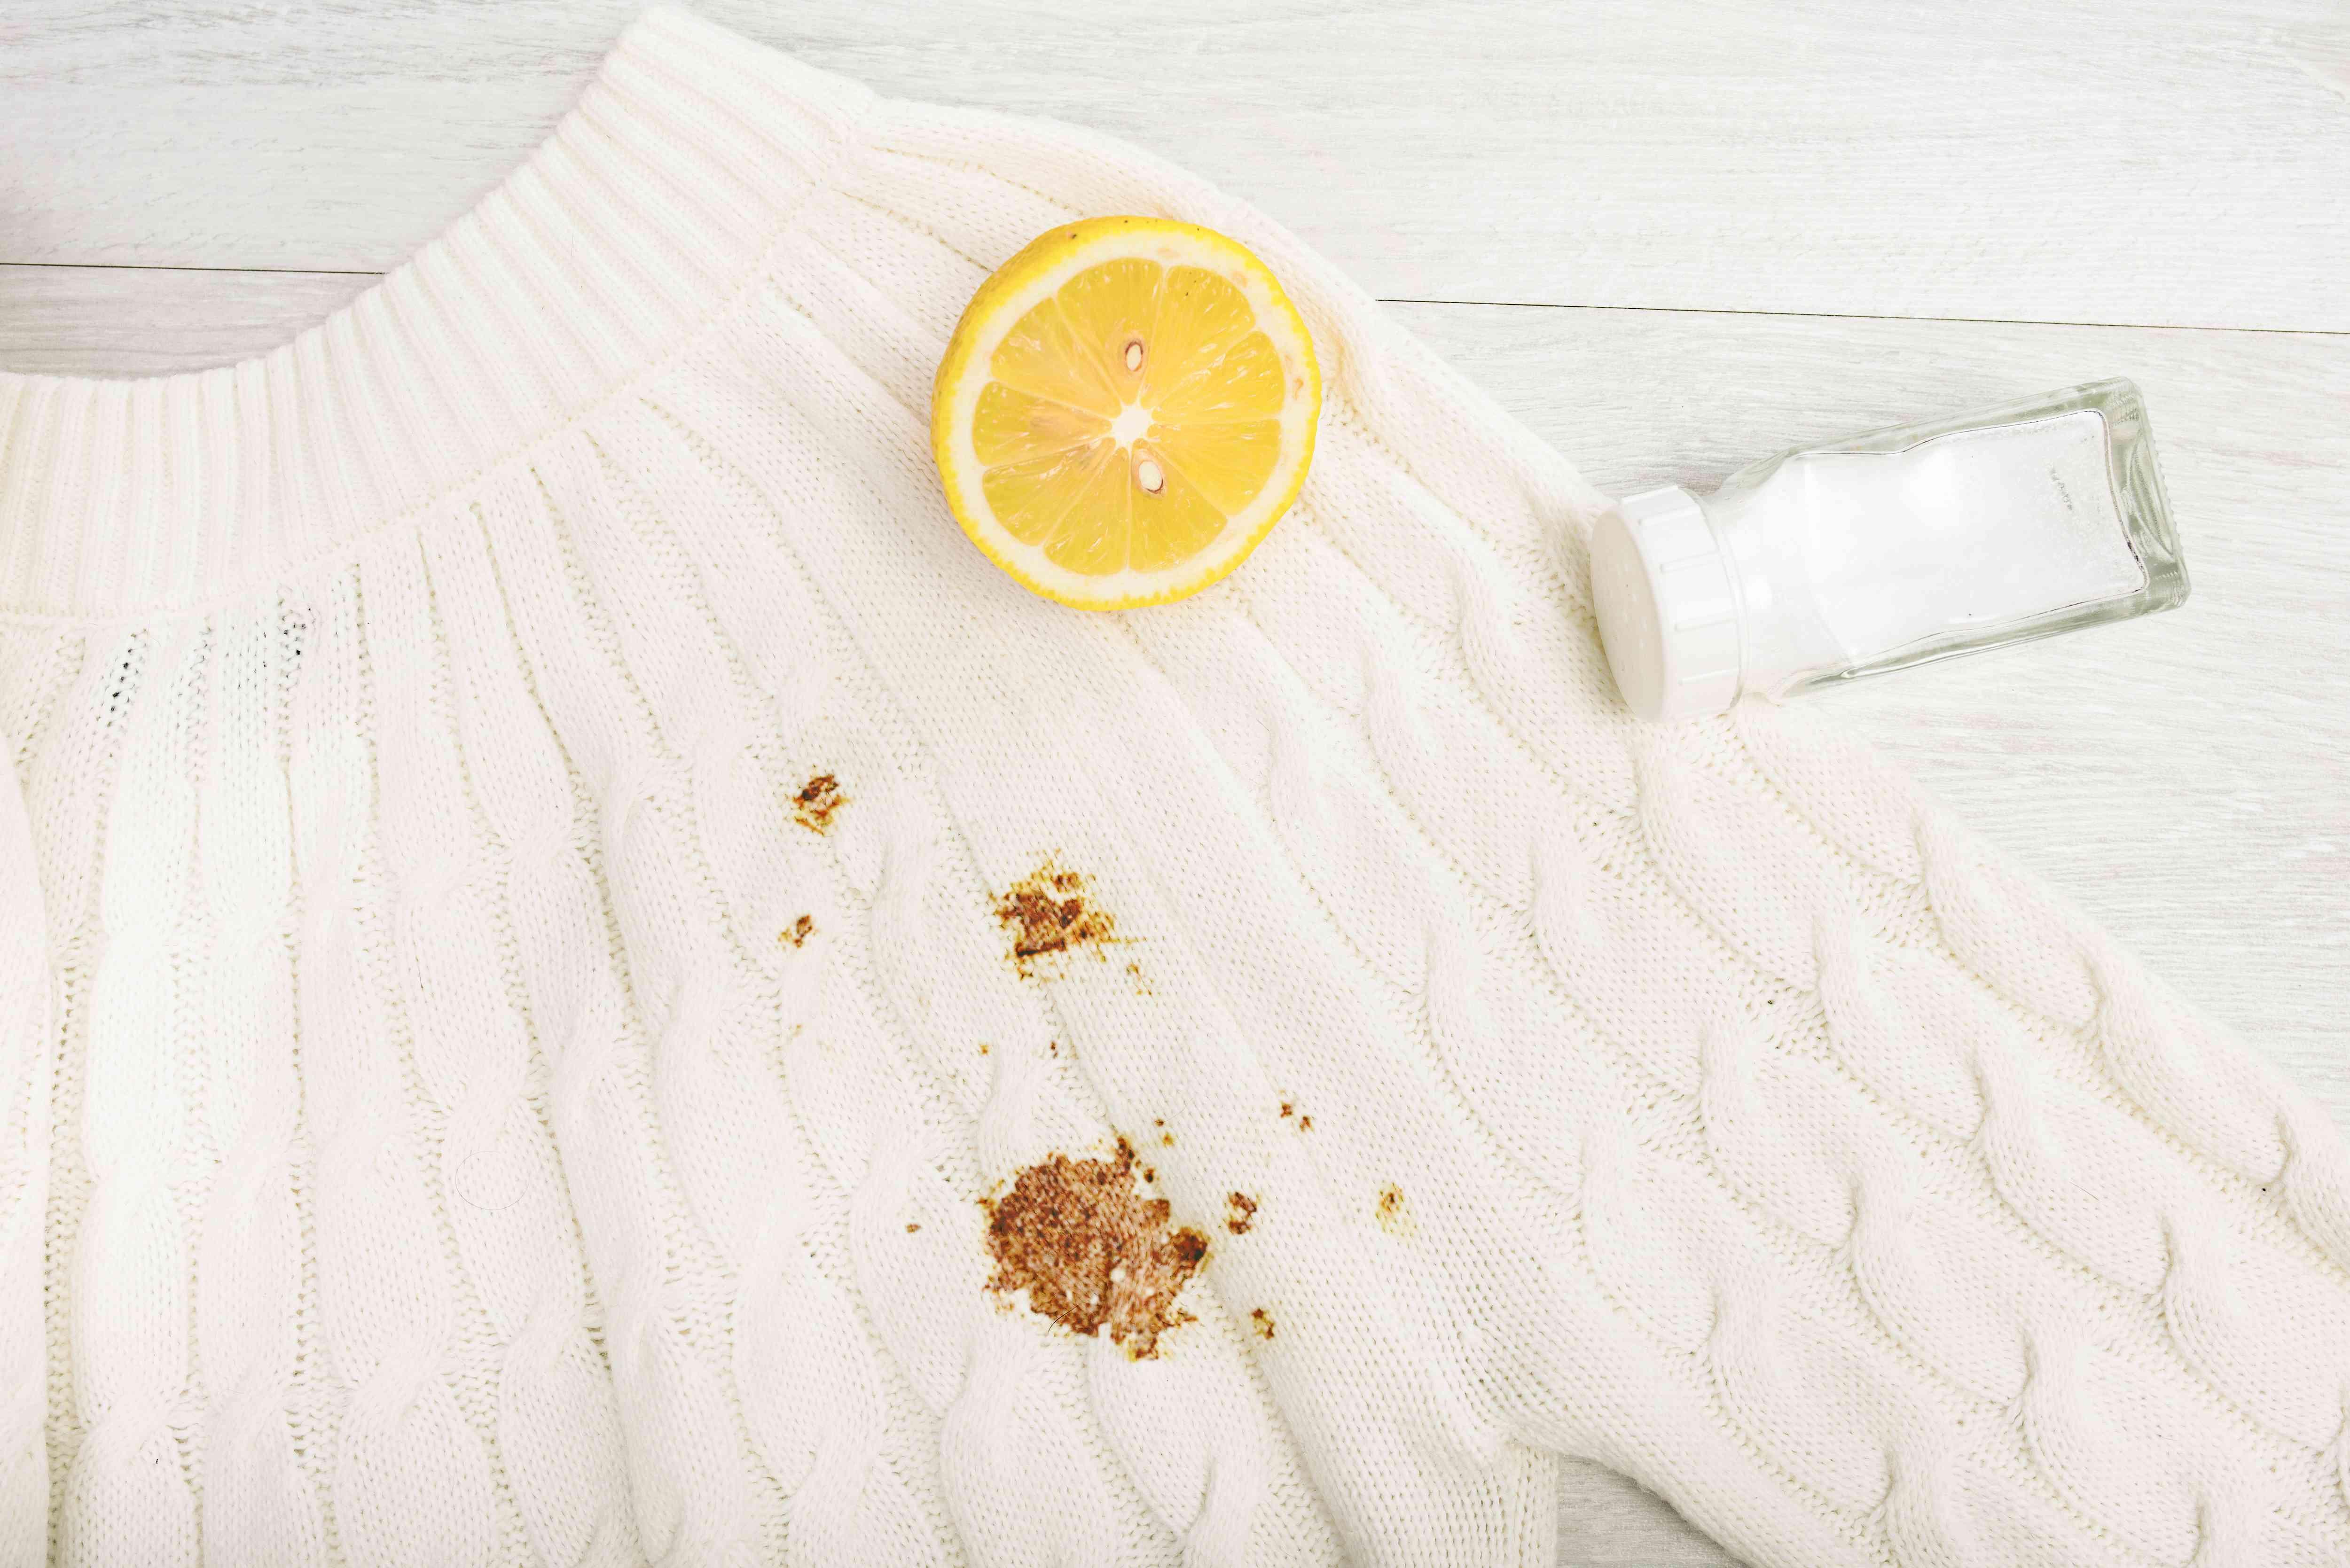 salt and lemon juice